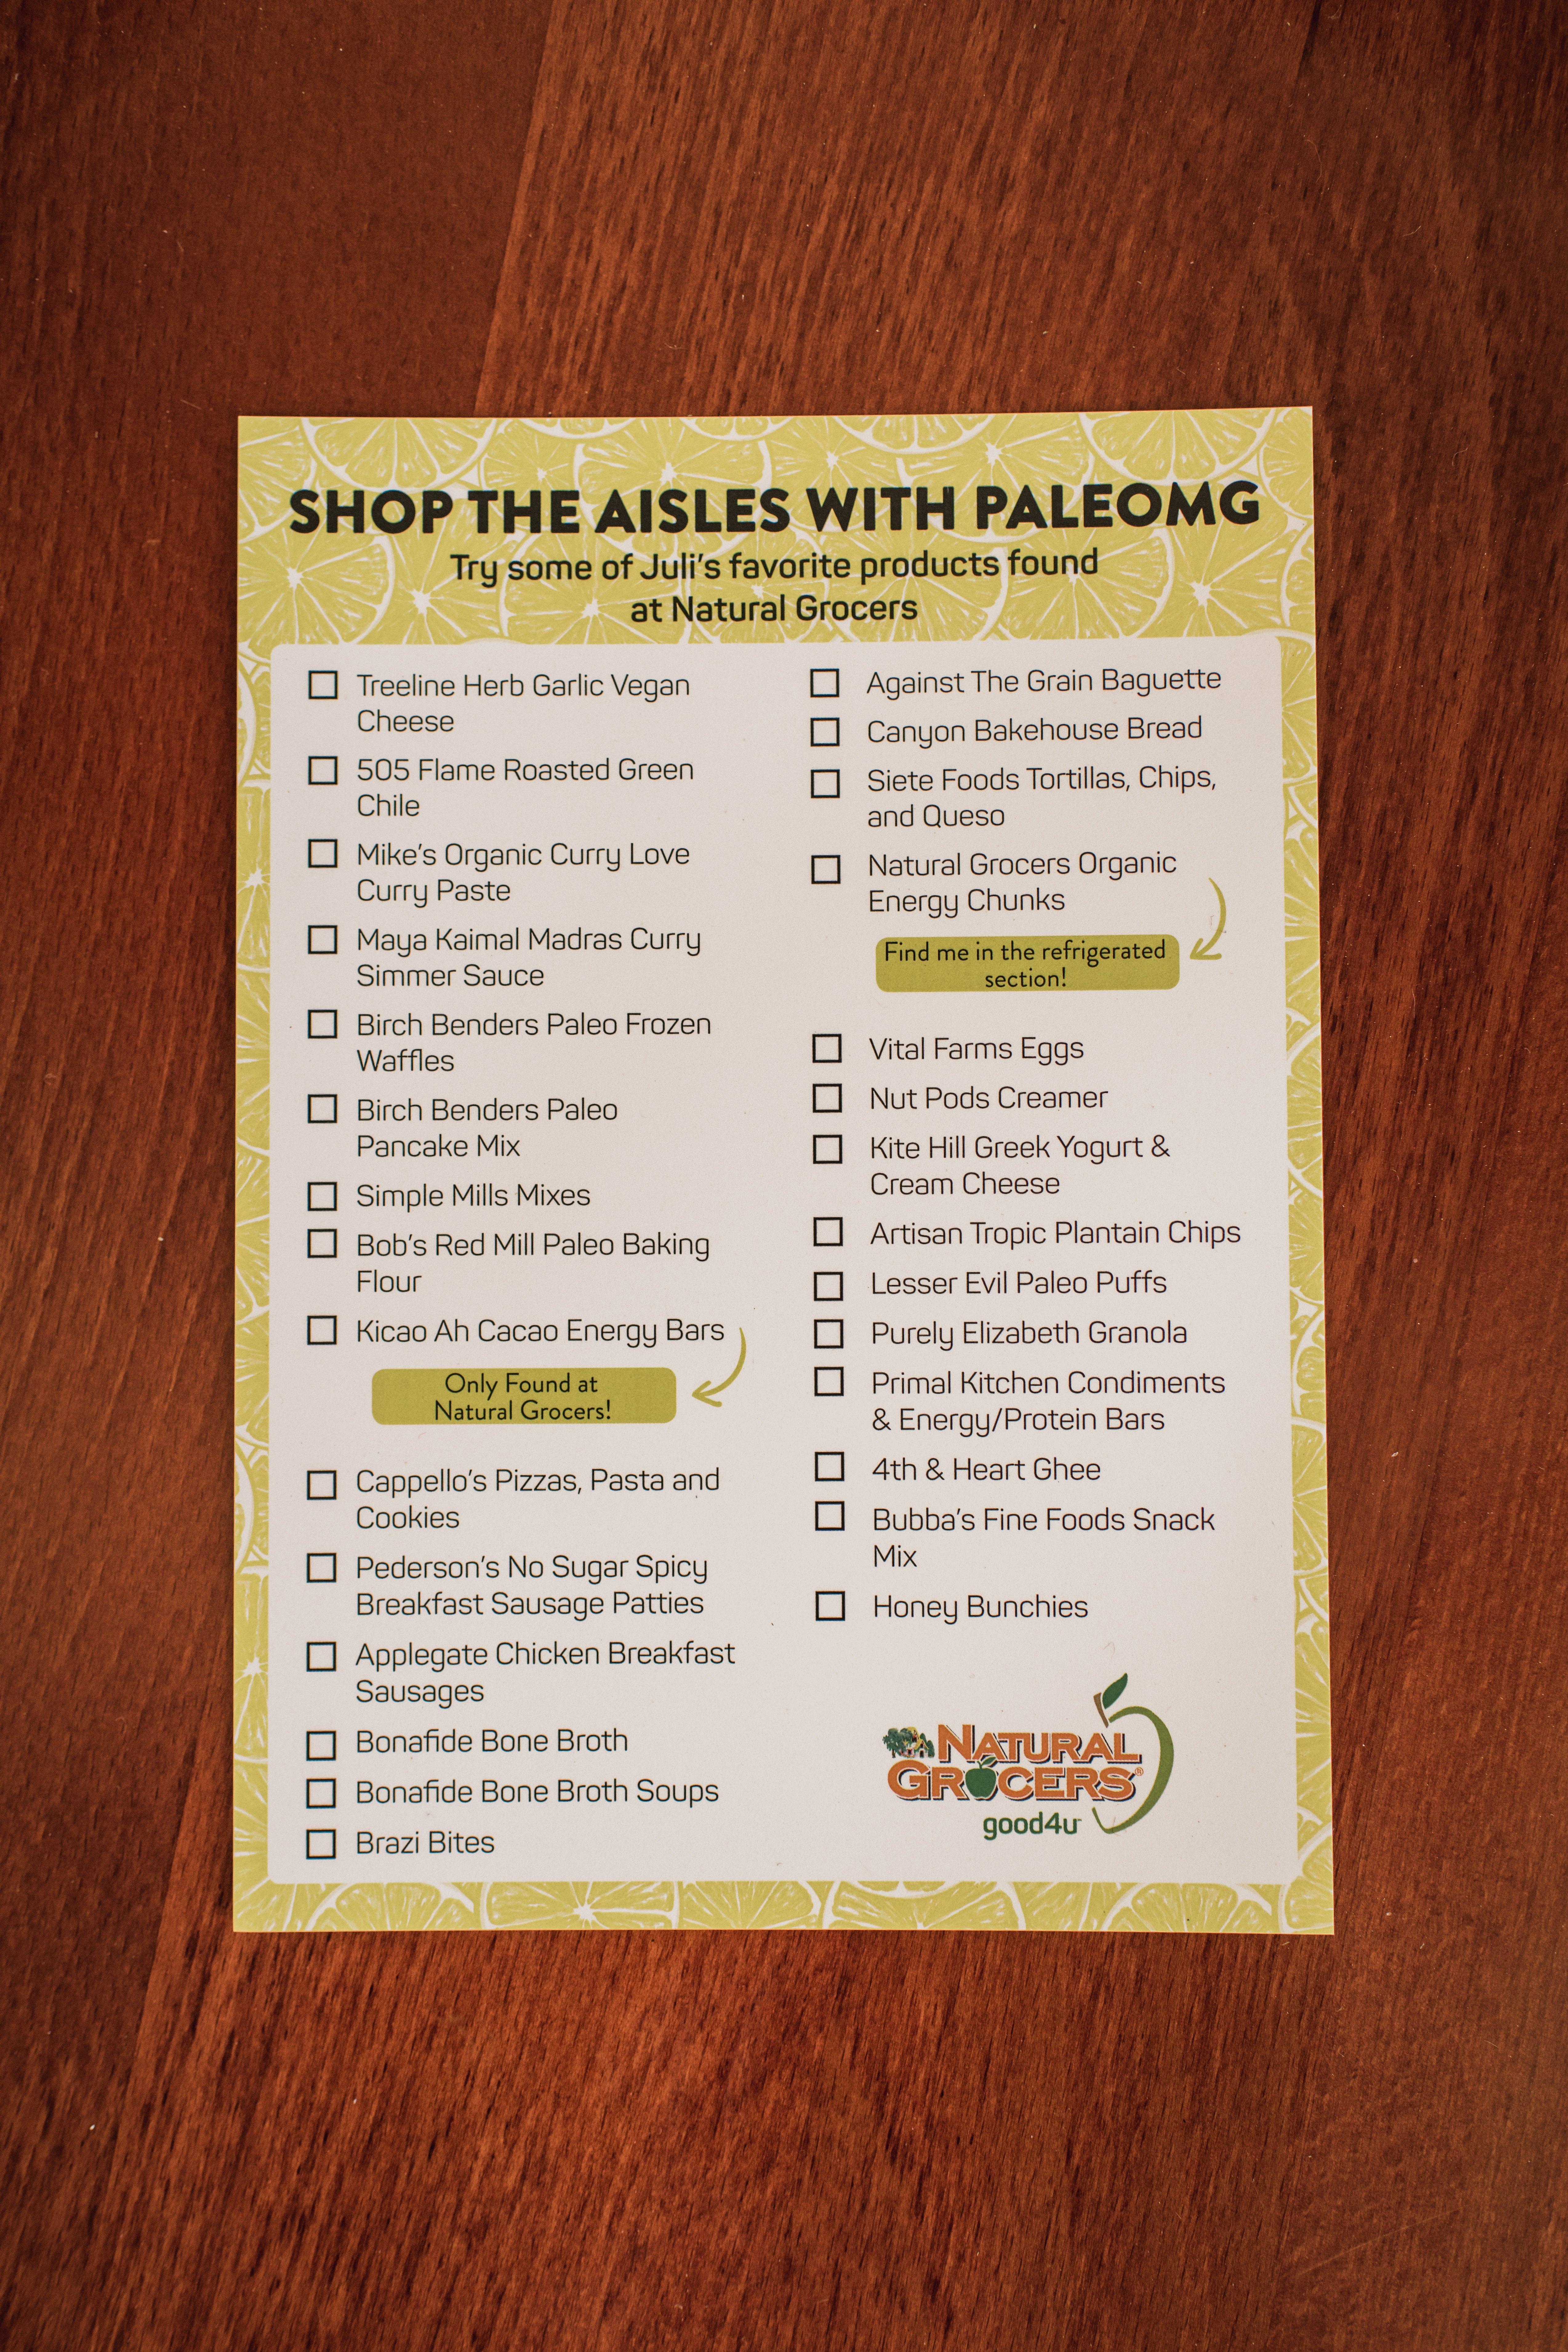 Natural Grocers + PaleOMG Event